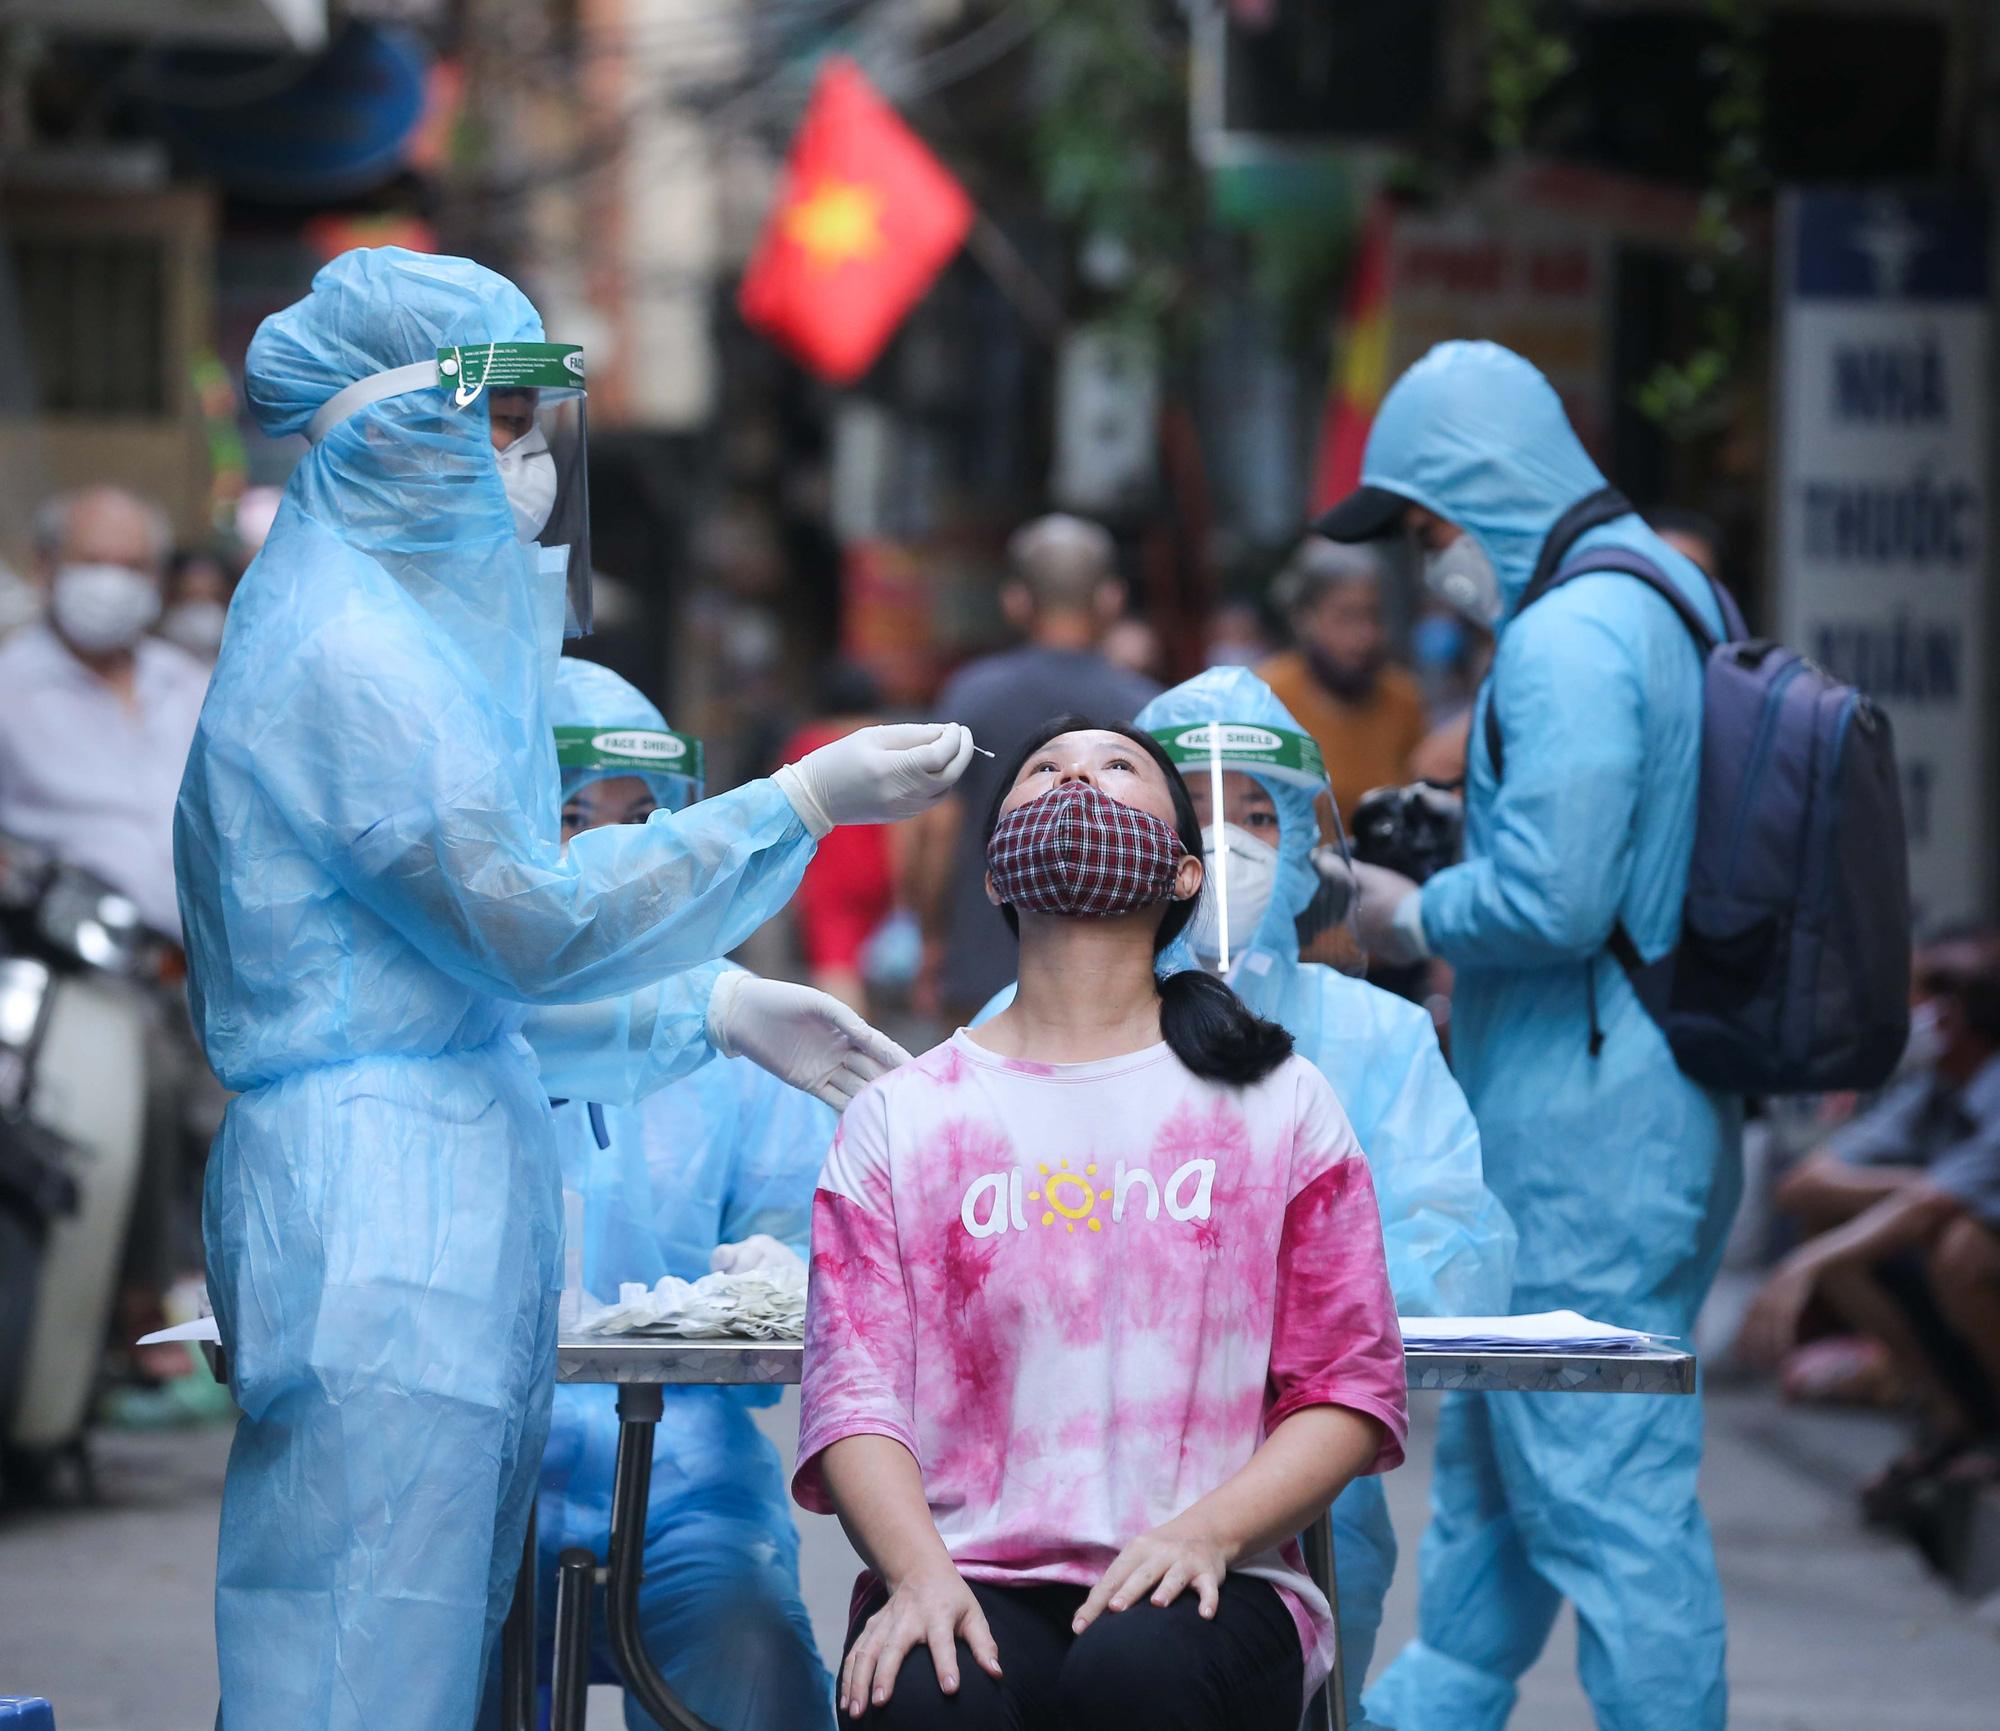 Bác sĩ Trương Hữu Khanh: Nguồn lây COVID- 19 vẫn vậy, đừng tự 'tìm kiếm' thêm nguồn lây nhiễm - Ảnh 2